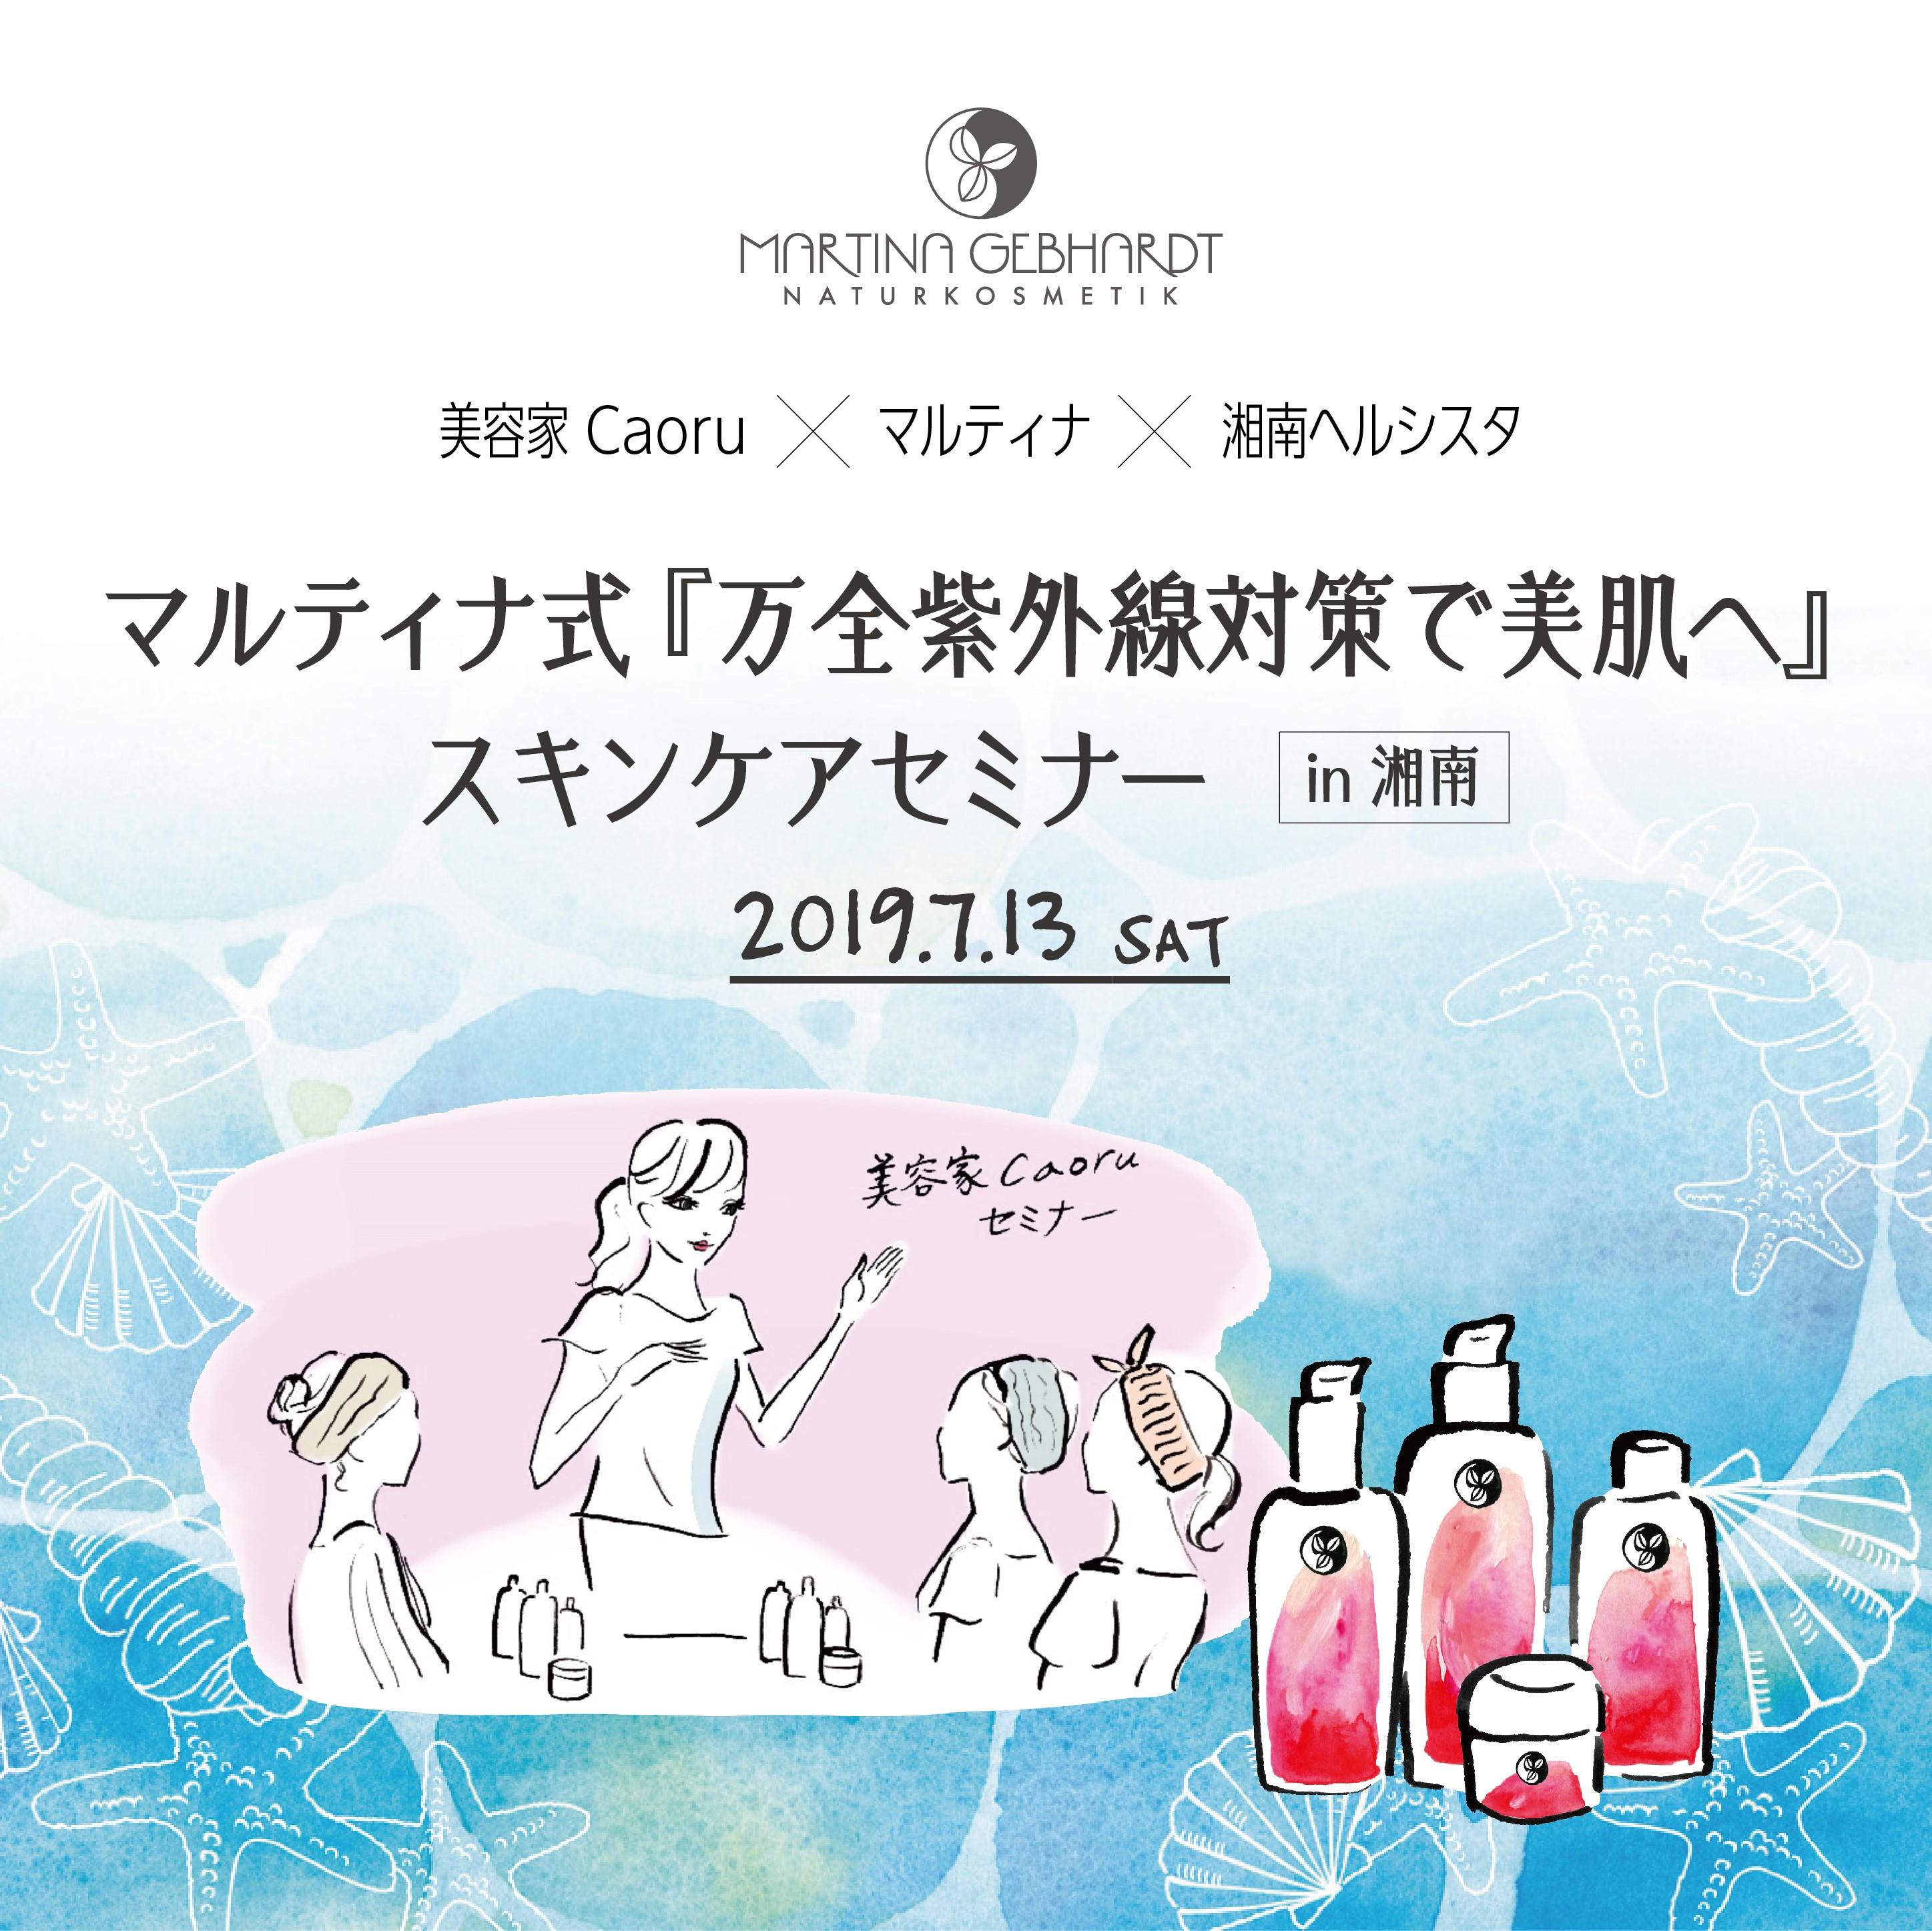 7月13日(土)スキンケアセミナーin湘南開催のご案内